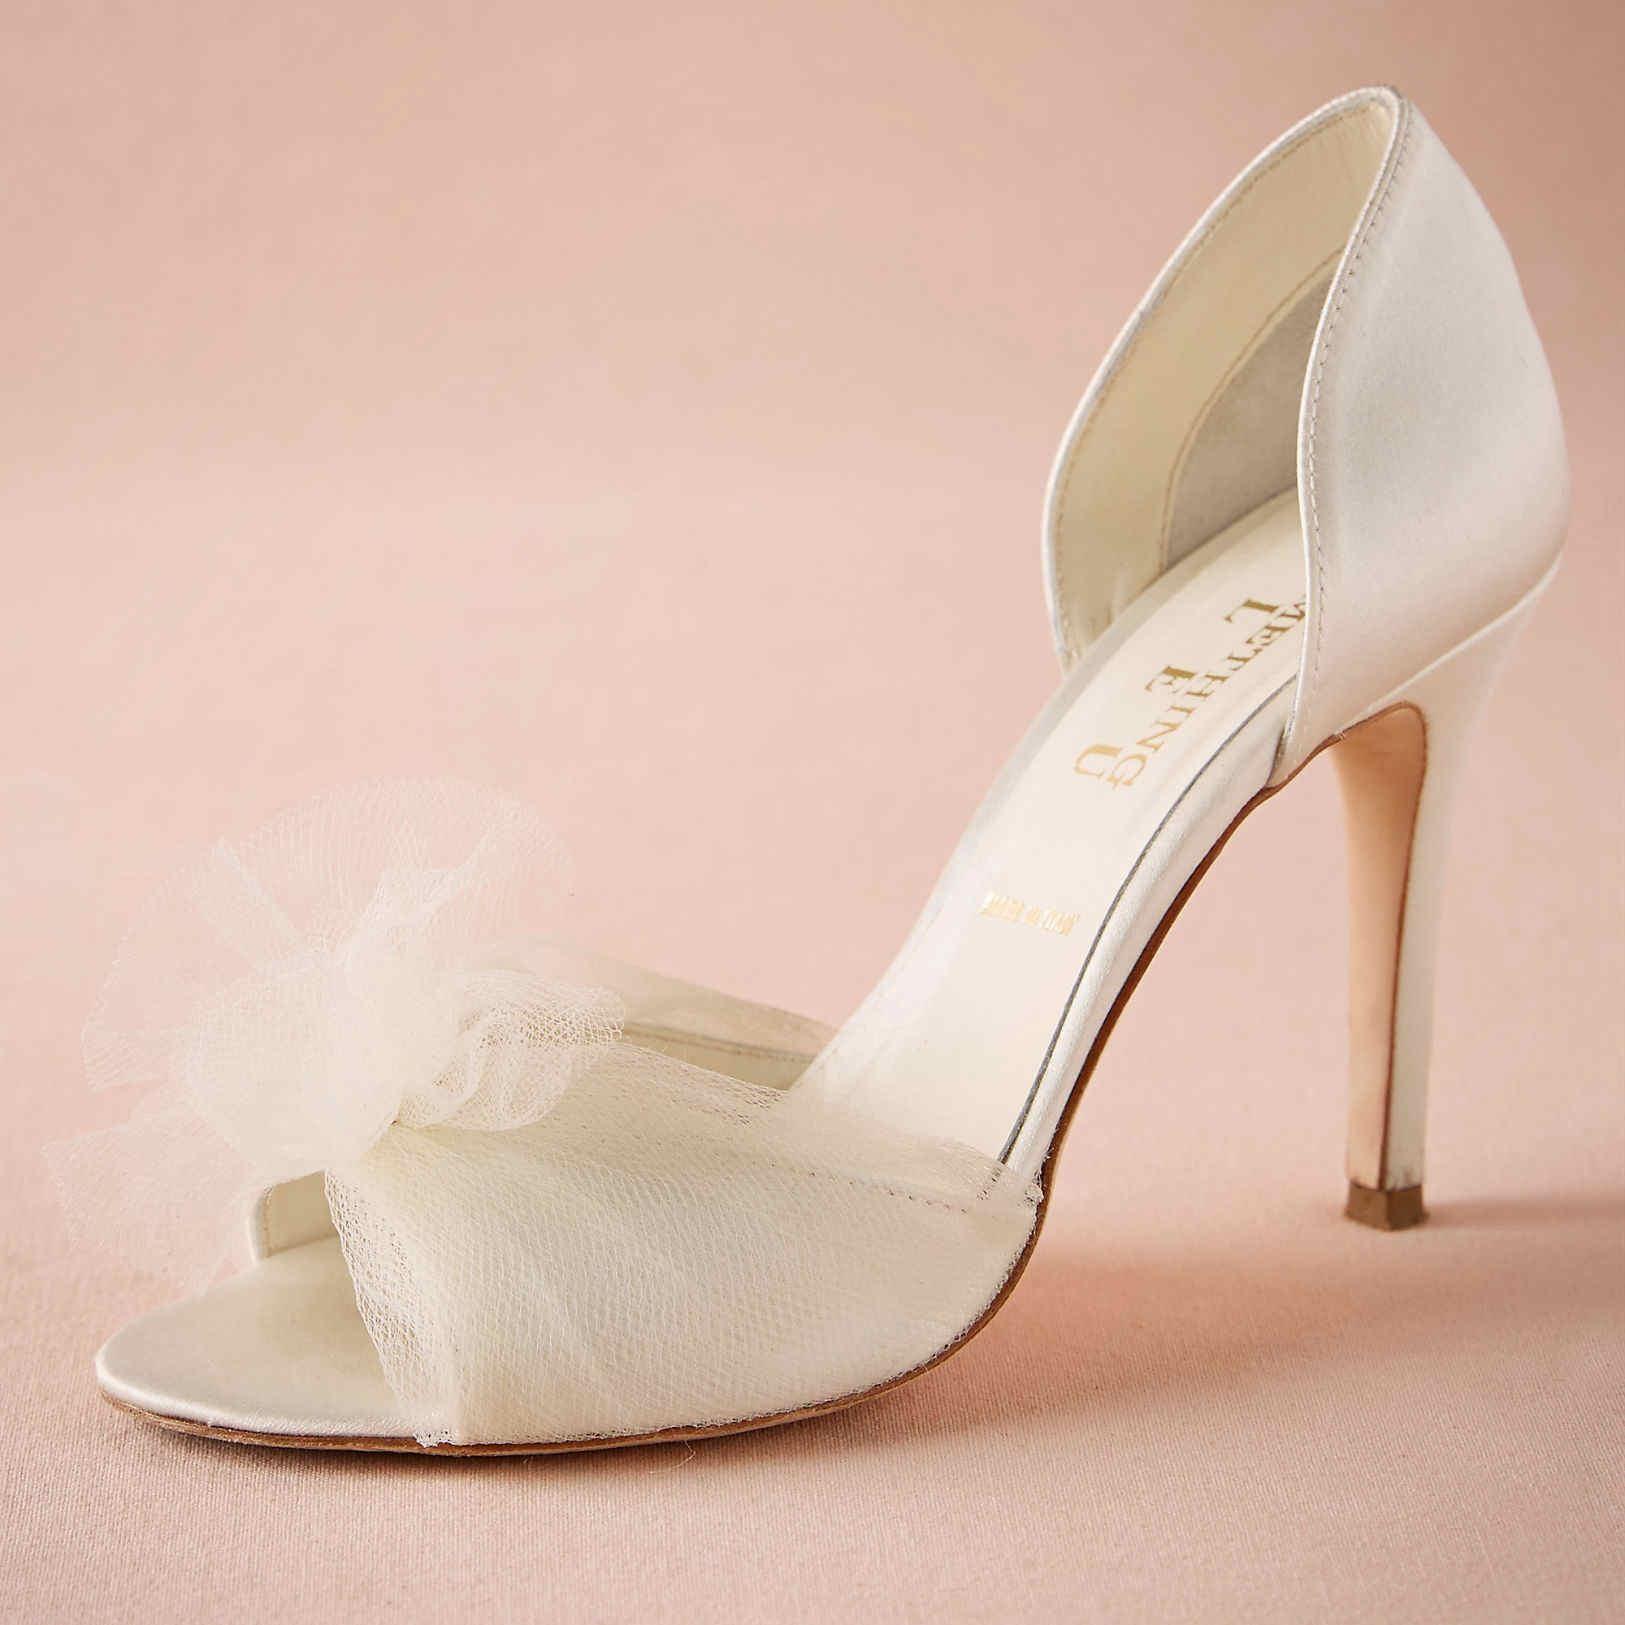 newest a7105 b35c3 Elfenbein Tüll Blume Hochzeit Schuhe Massanfertigung Hochzeit Pumps Satin  oberen Slipper Party Dance 3,5 High Heels Frauen Sandalen gewickelt Ferse